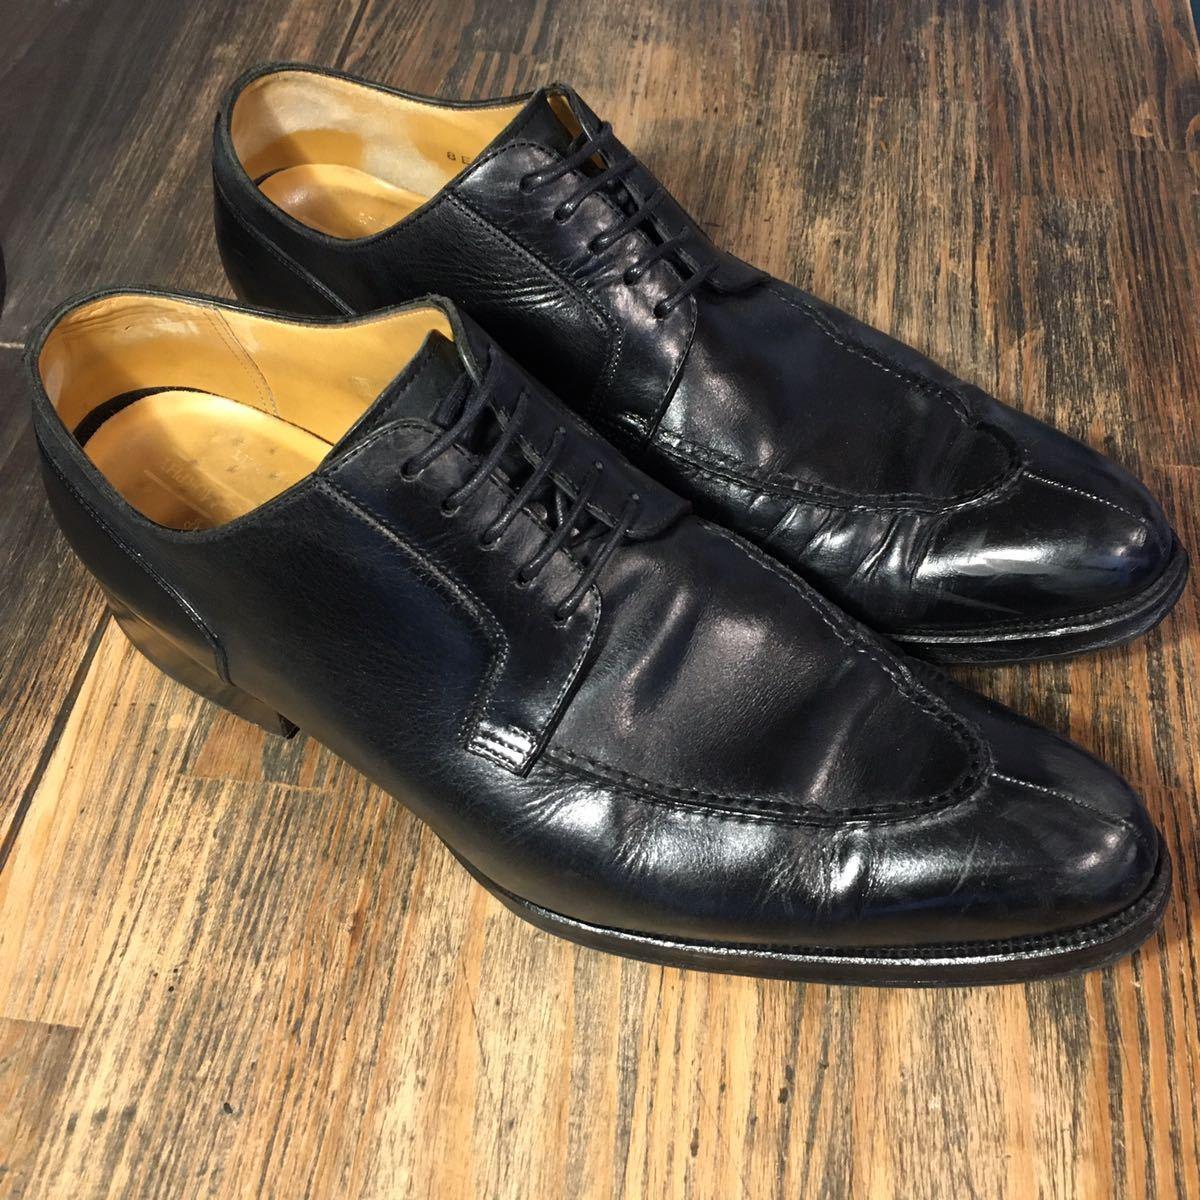 JOHNSTON&MURPHY ジョンストン&マーフィー 革靴 ビジネスシューズ 黒 本革 レザーシューズ ドレスシューズ ビブラムソール vibram_画像1